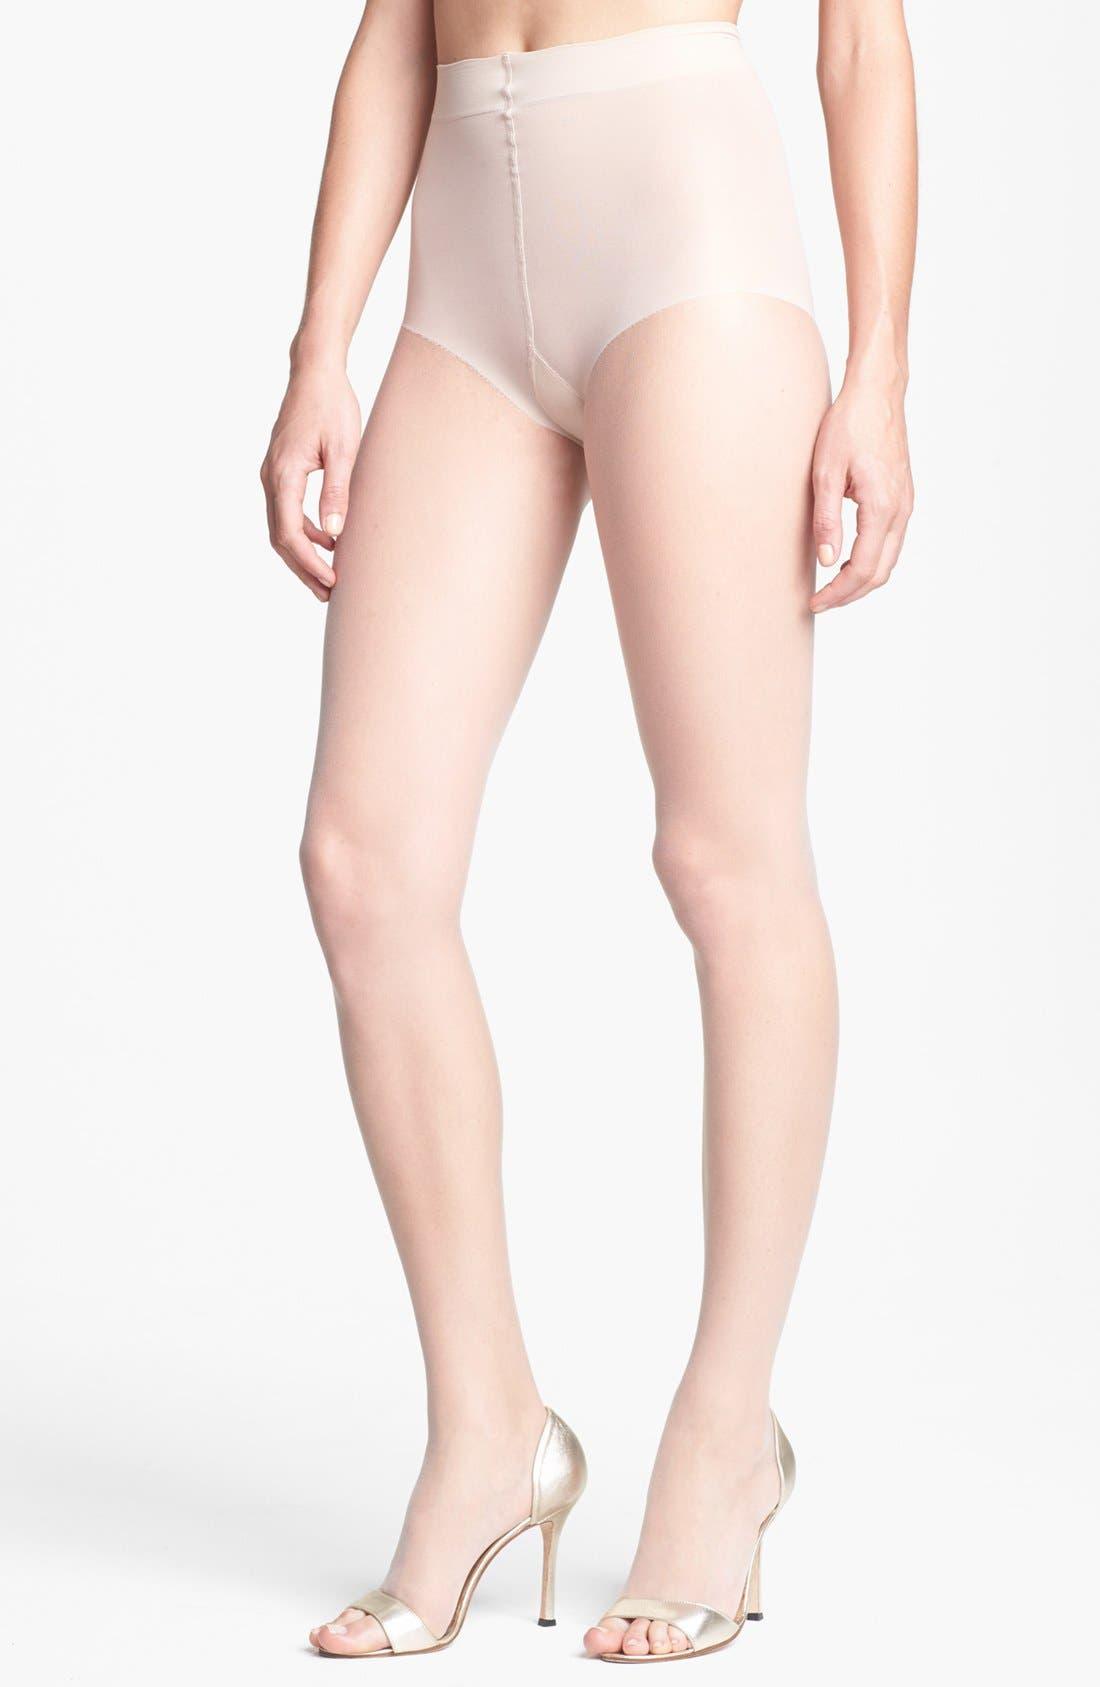 DONNA KARAN NEW YORK, Donna Karan The Nudes Toeless Pantyhose, Main thumbnail 1, color, A01